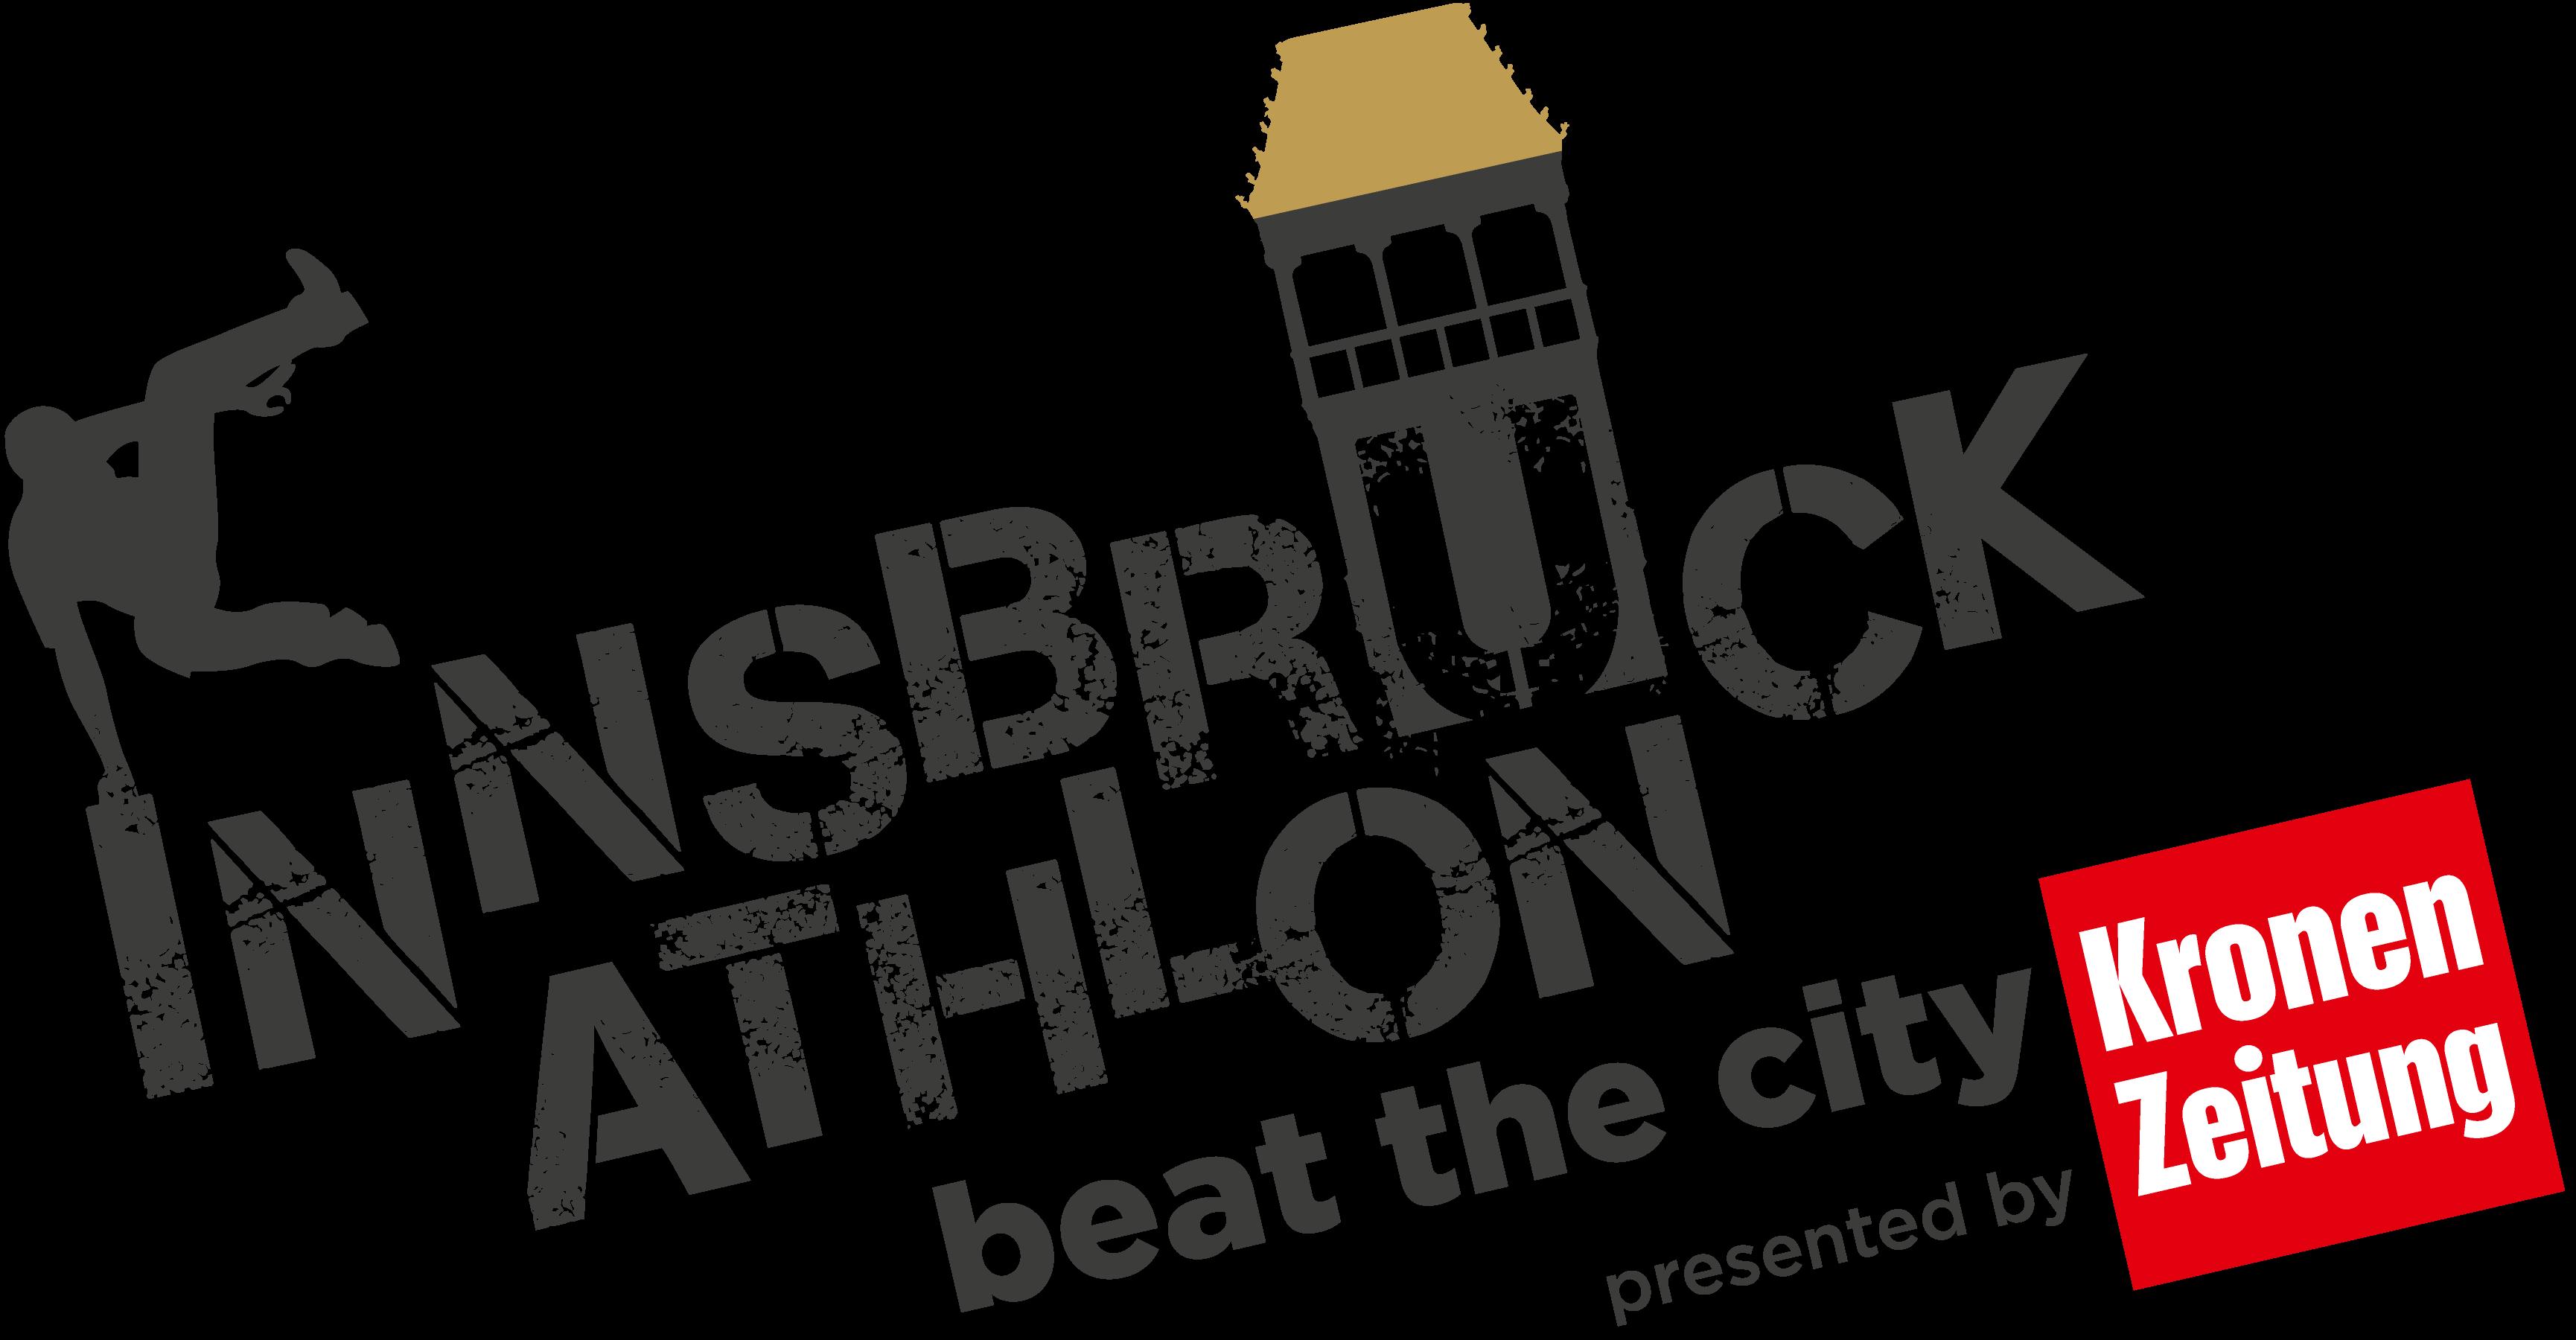 Innsbruckathlon 2022